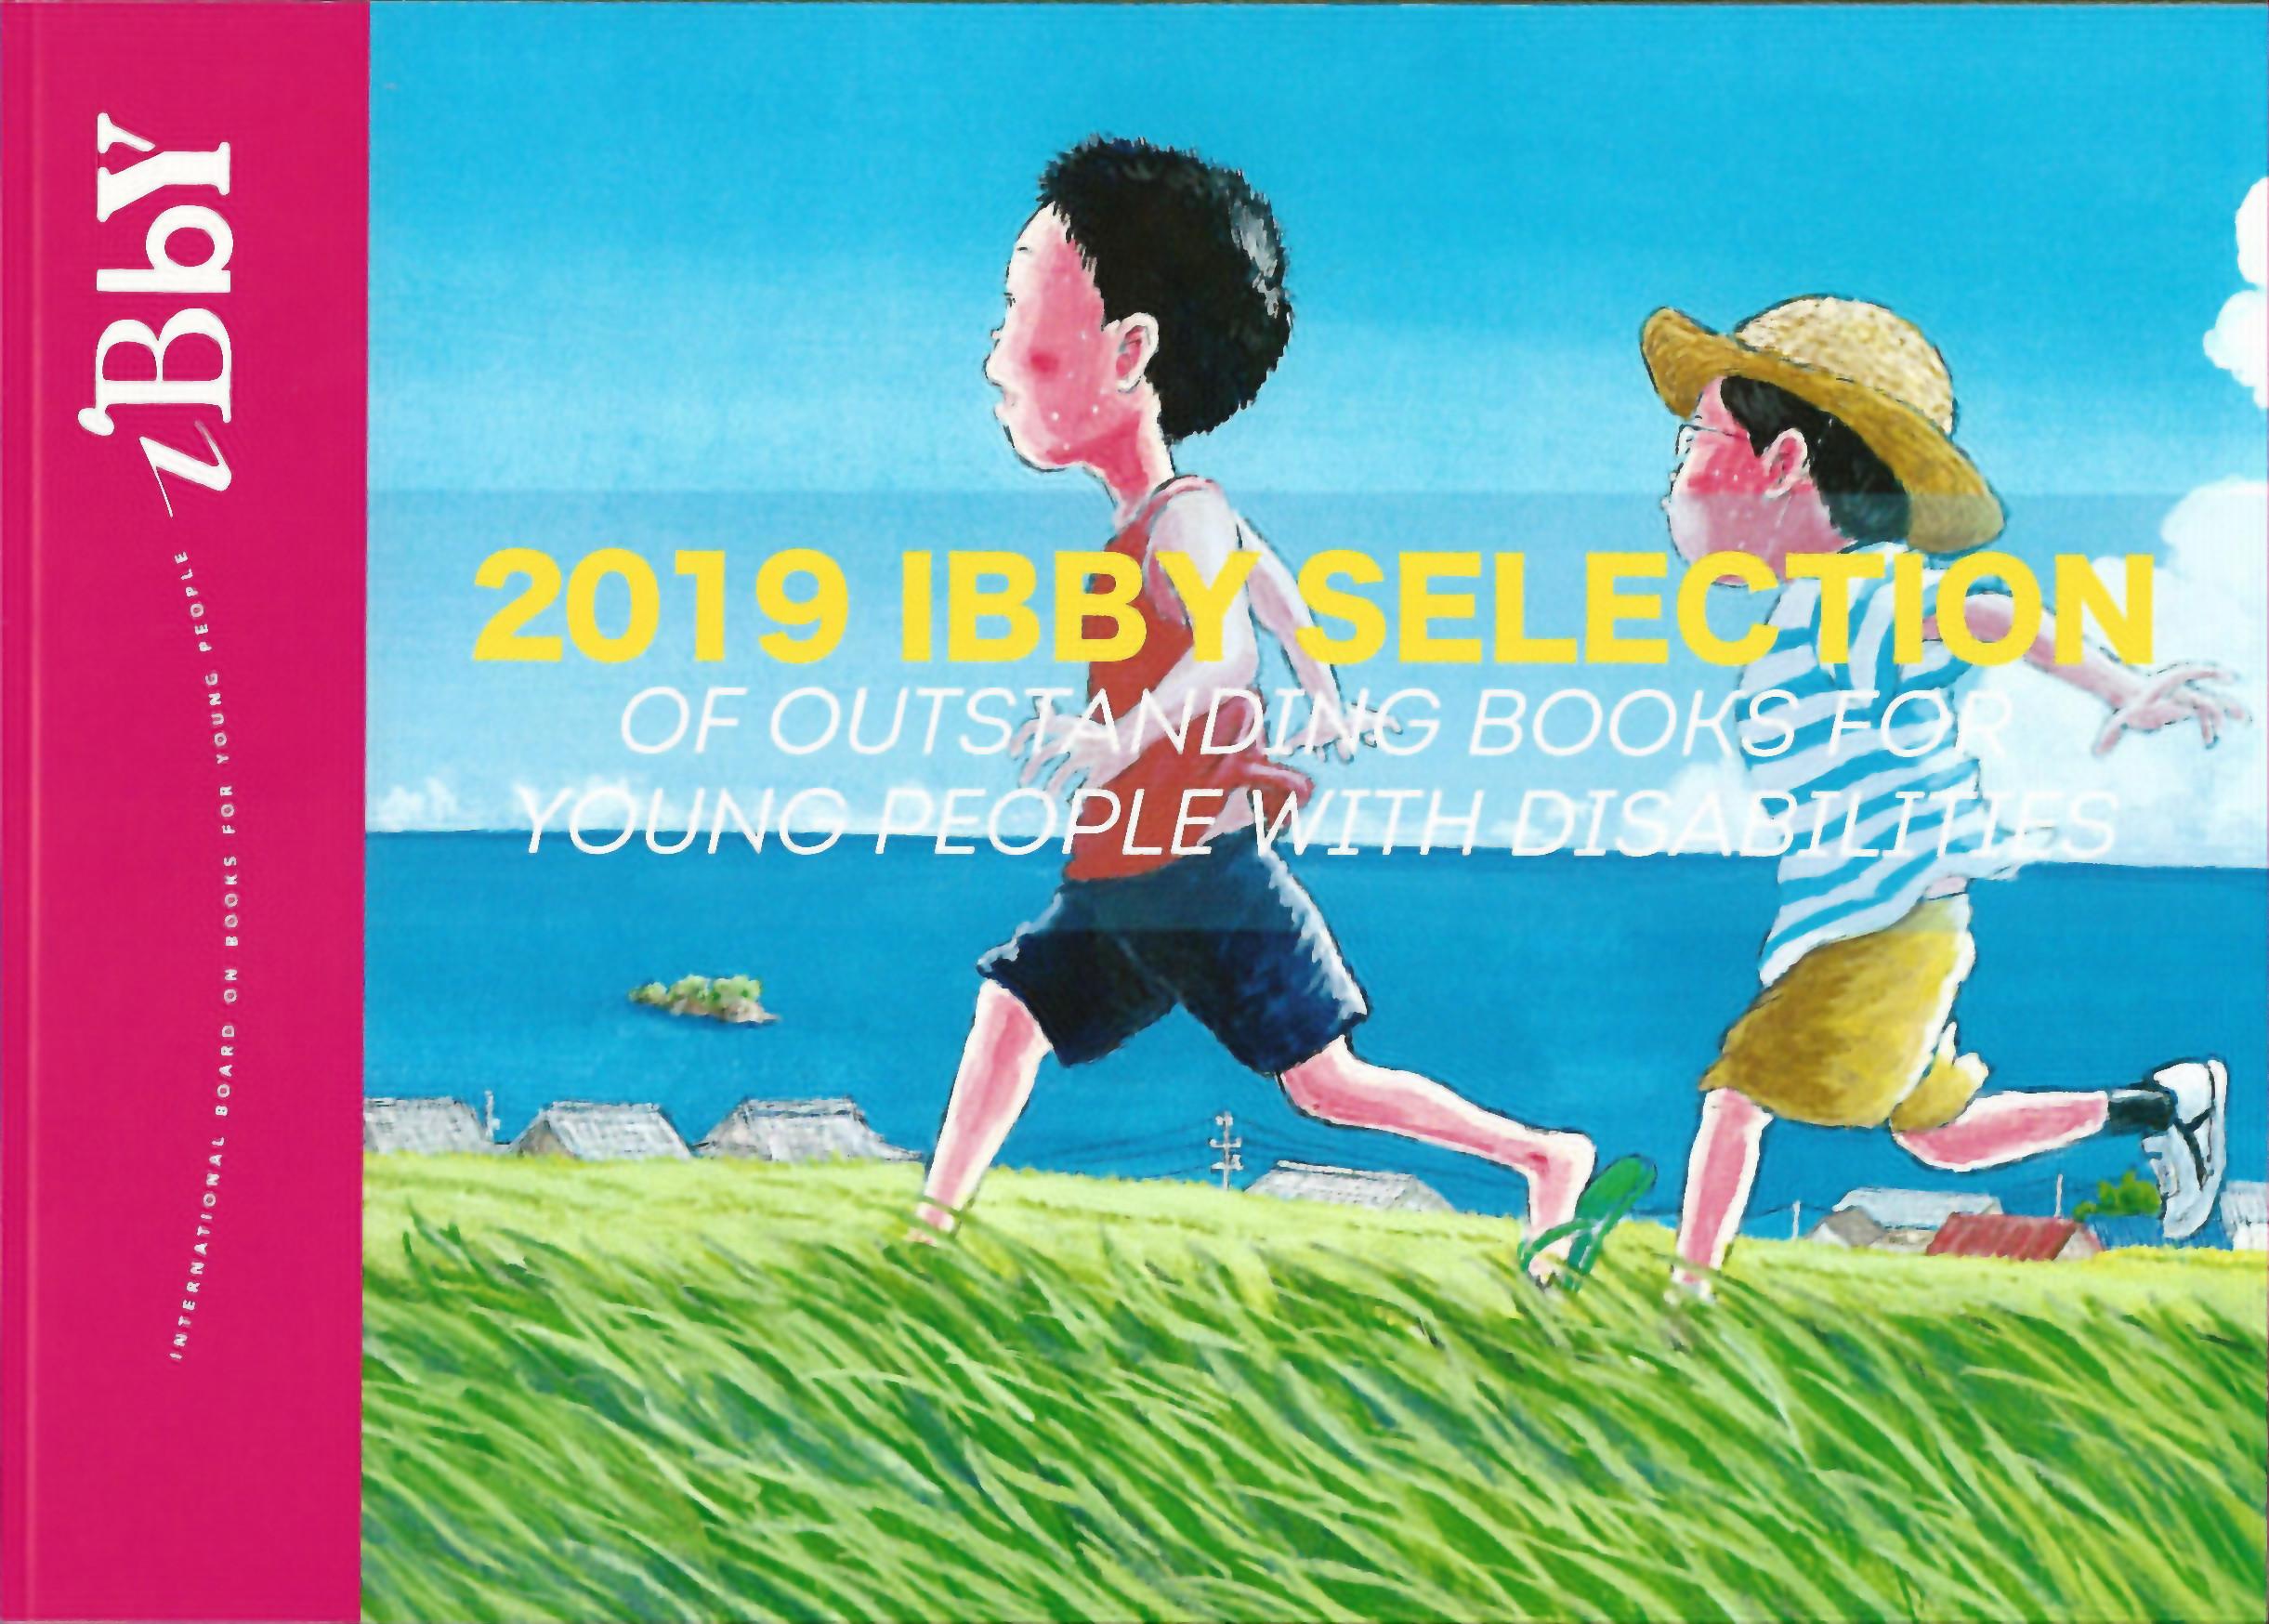 copertina del catalogo 2019 Ibby selection